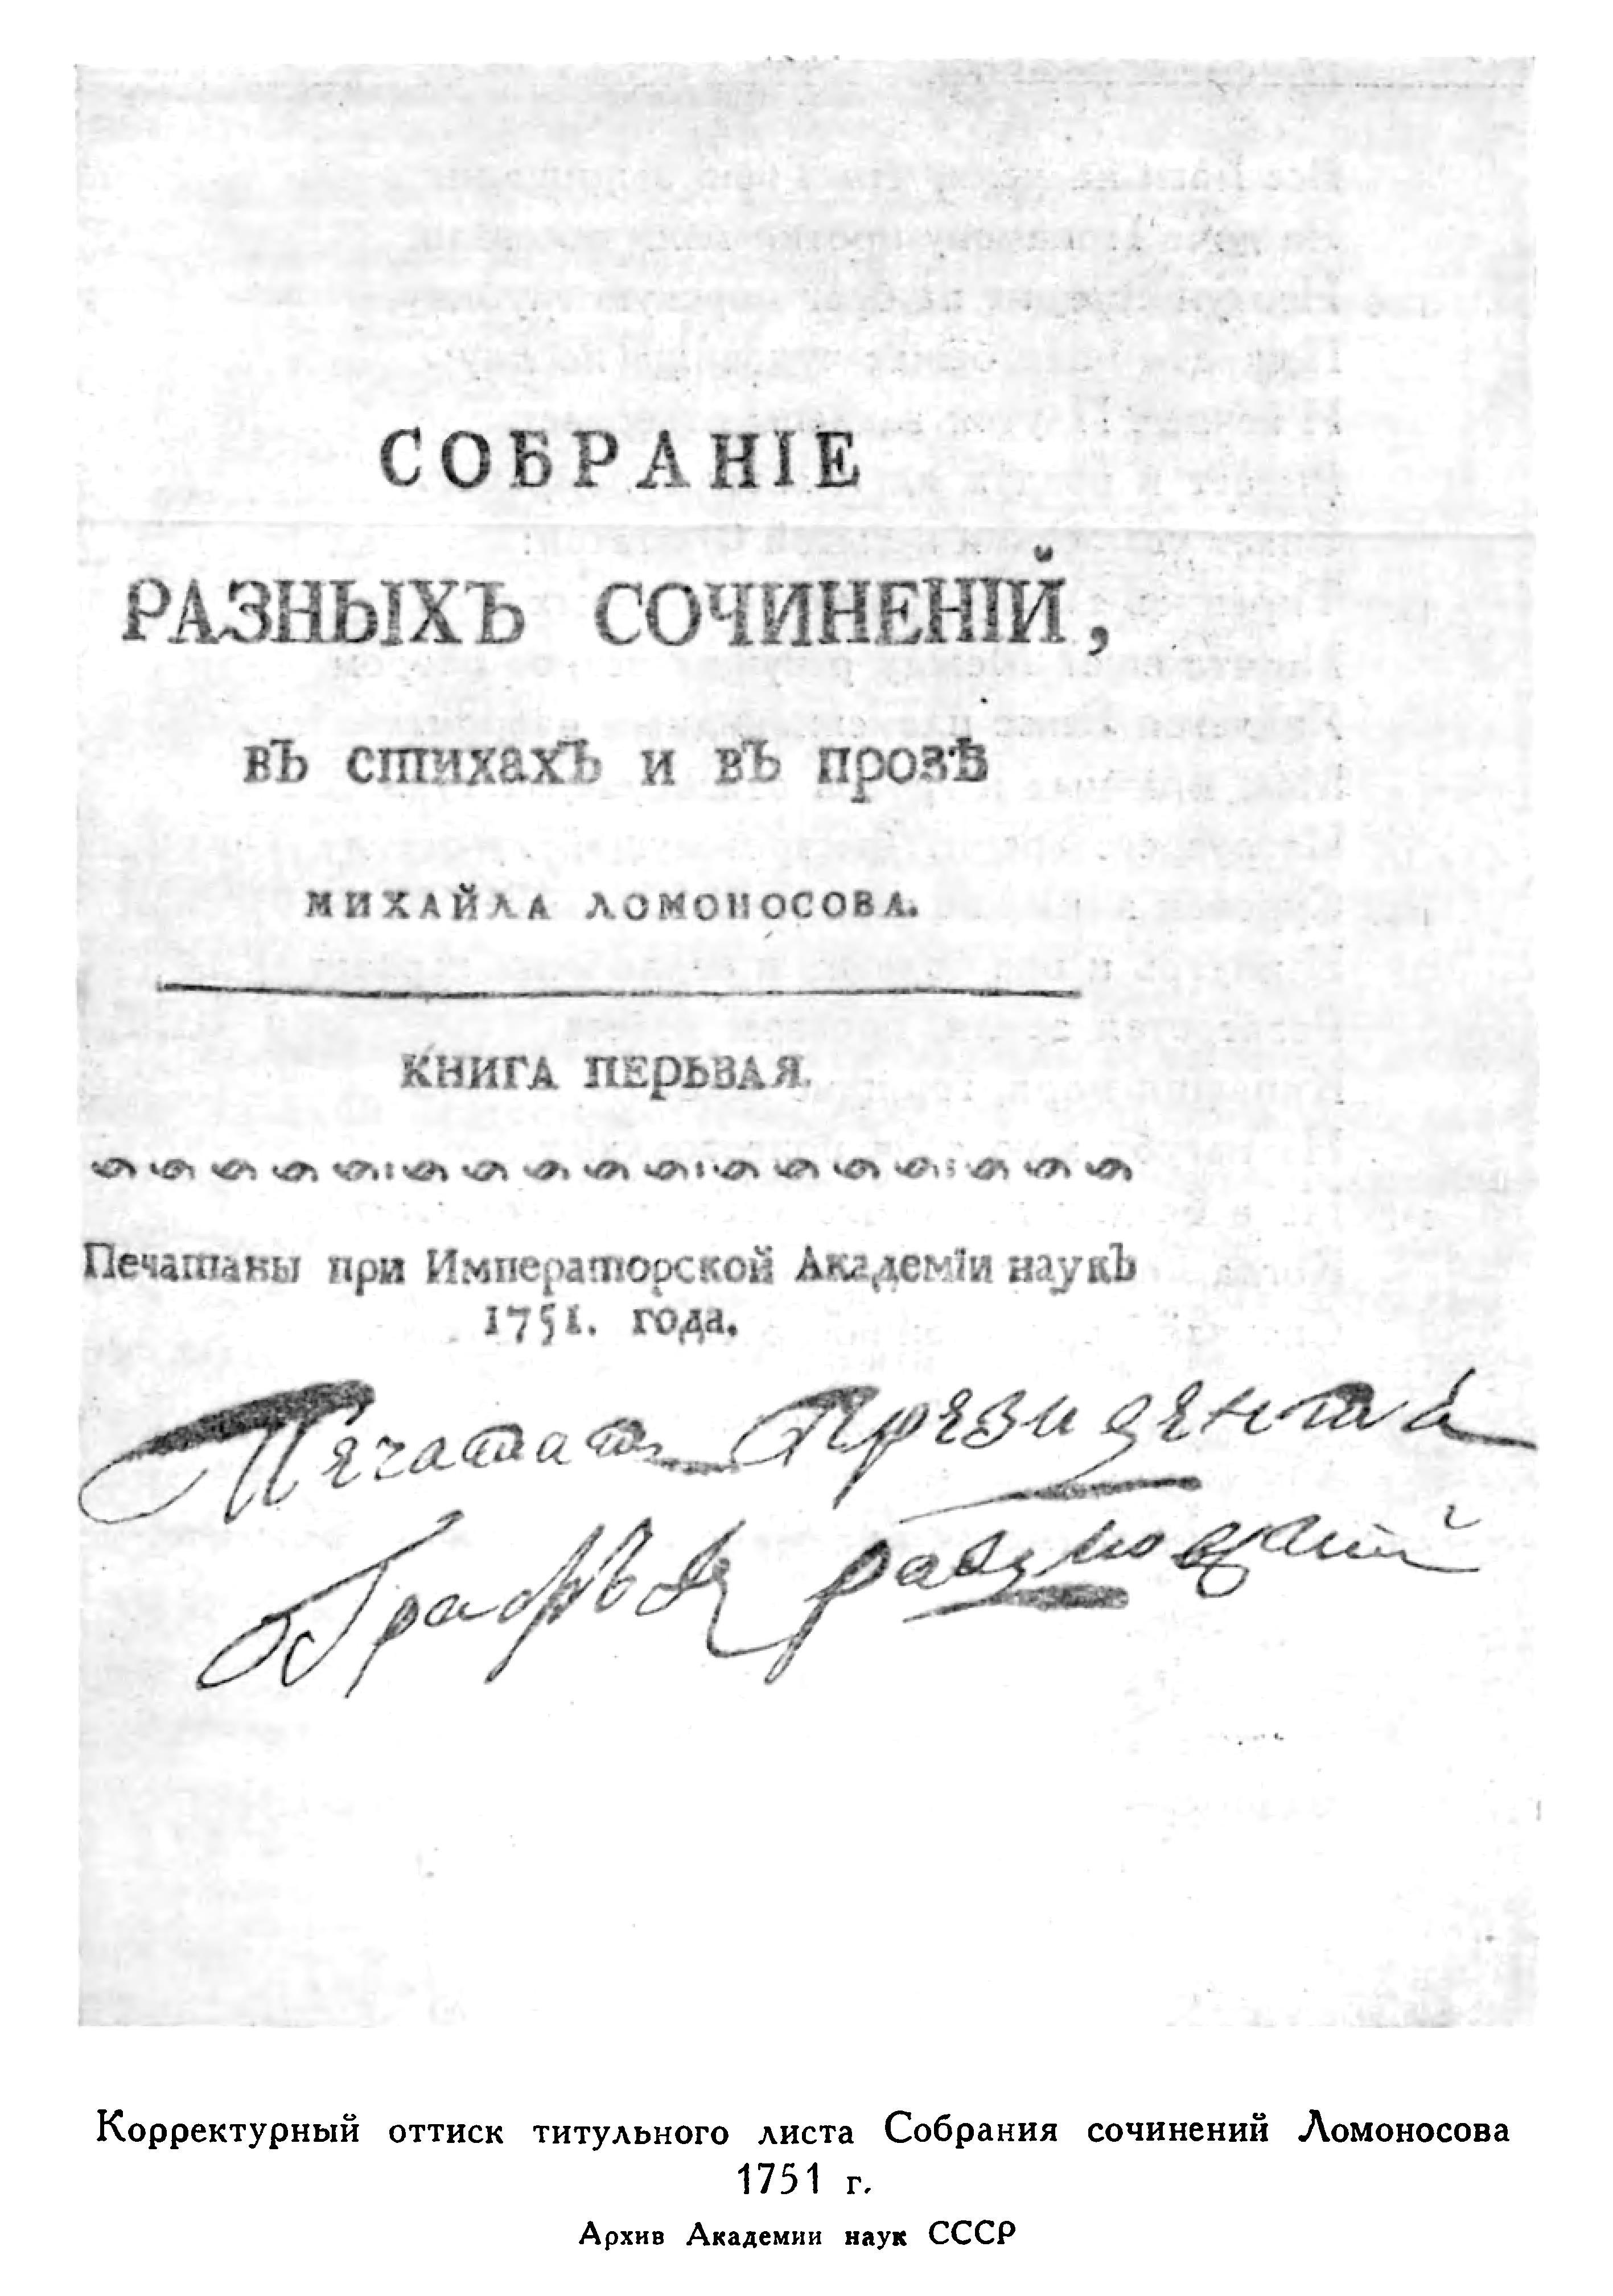 M.V.Lomonosov._Polnoe_sobranie_sochineniy._Tom_8._Poeziya._Oratorskaya_proza._Nadpisi._1732-1764_gg. Титульный лист